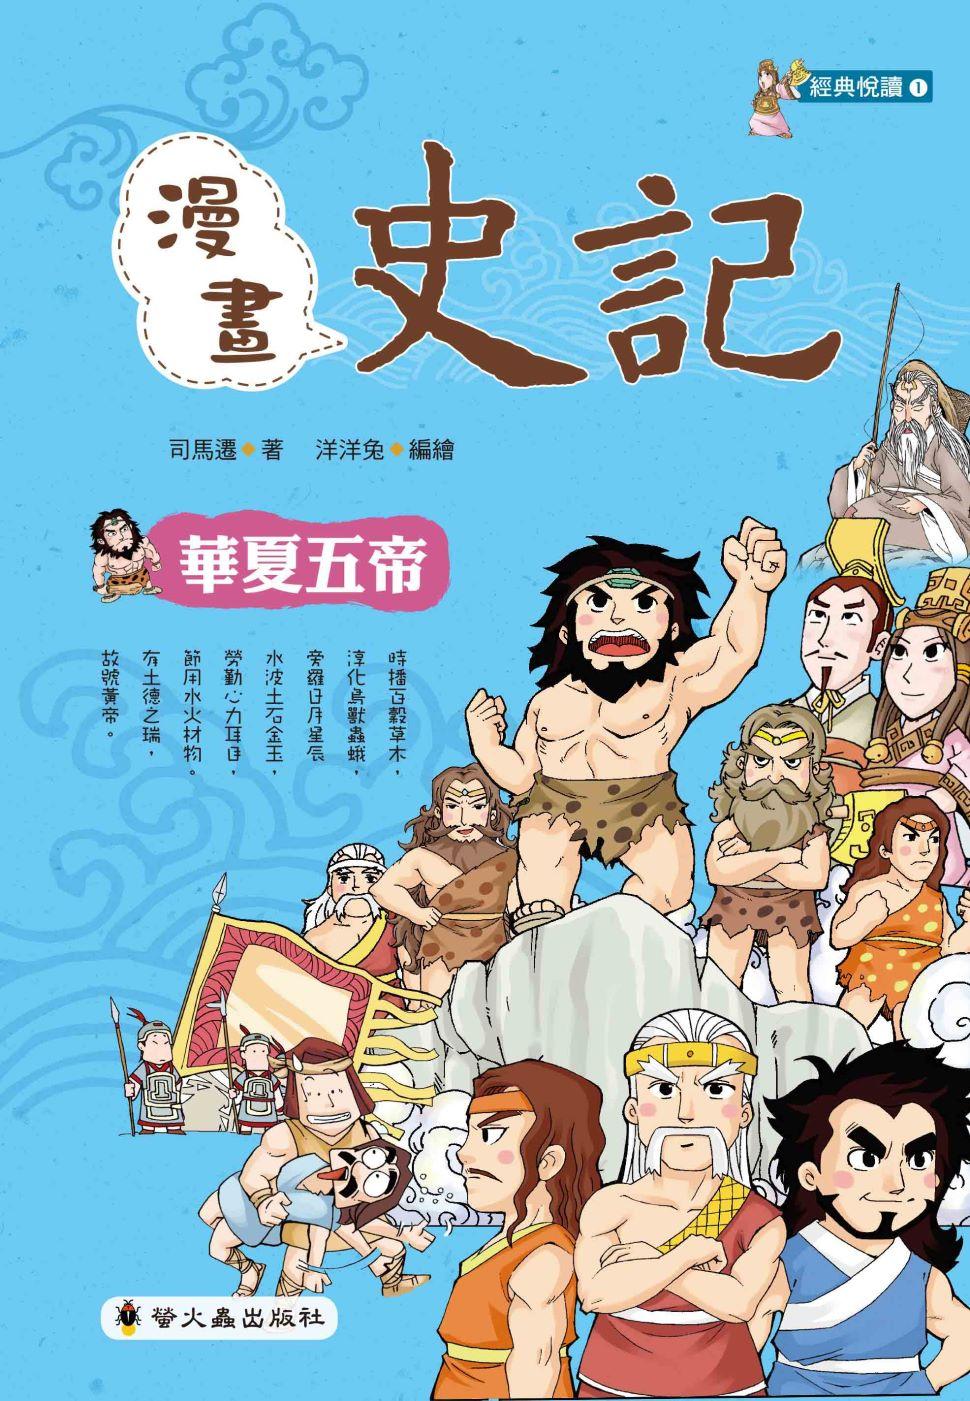 漫畫史記:華夏五帝